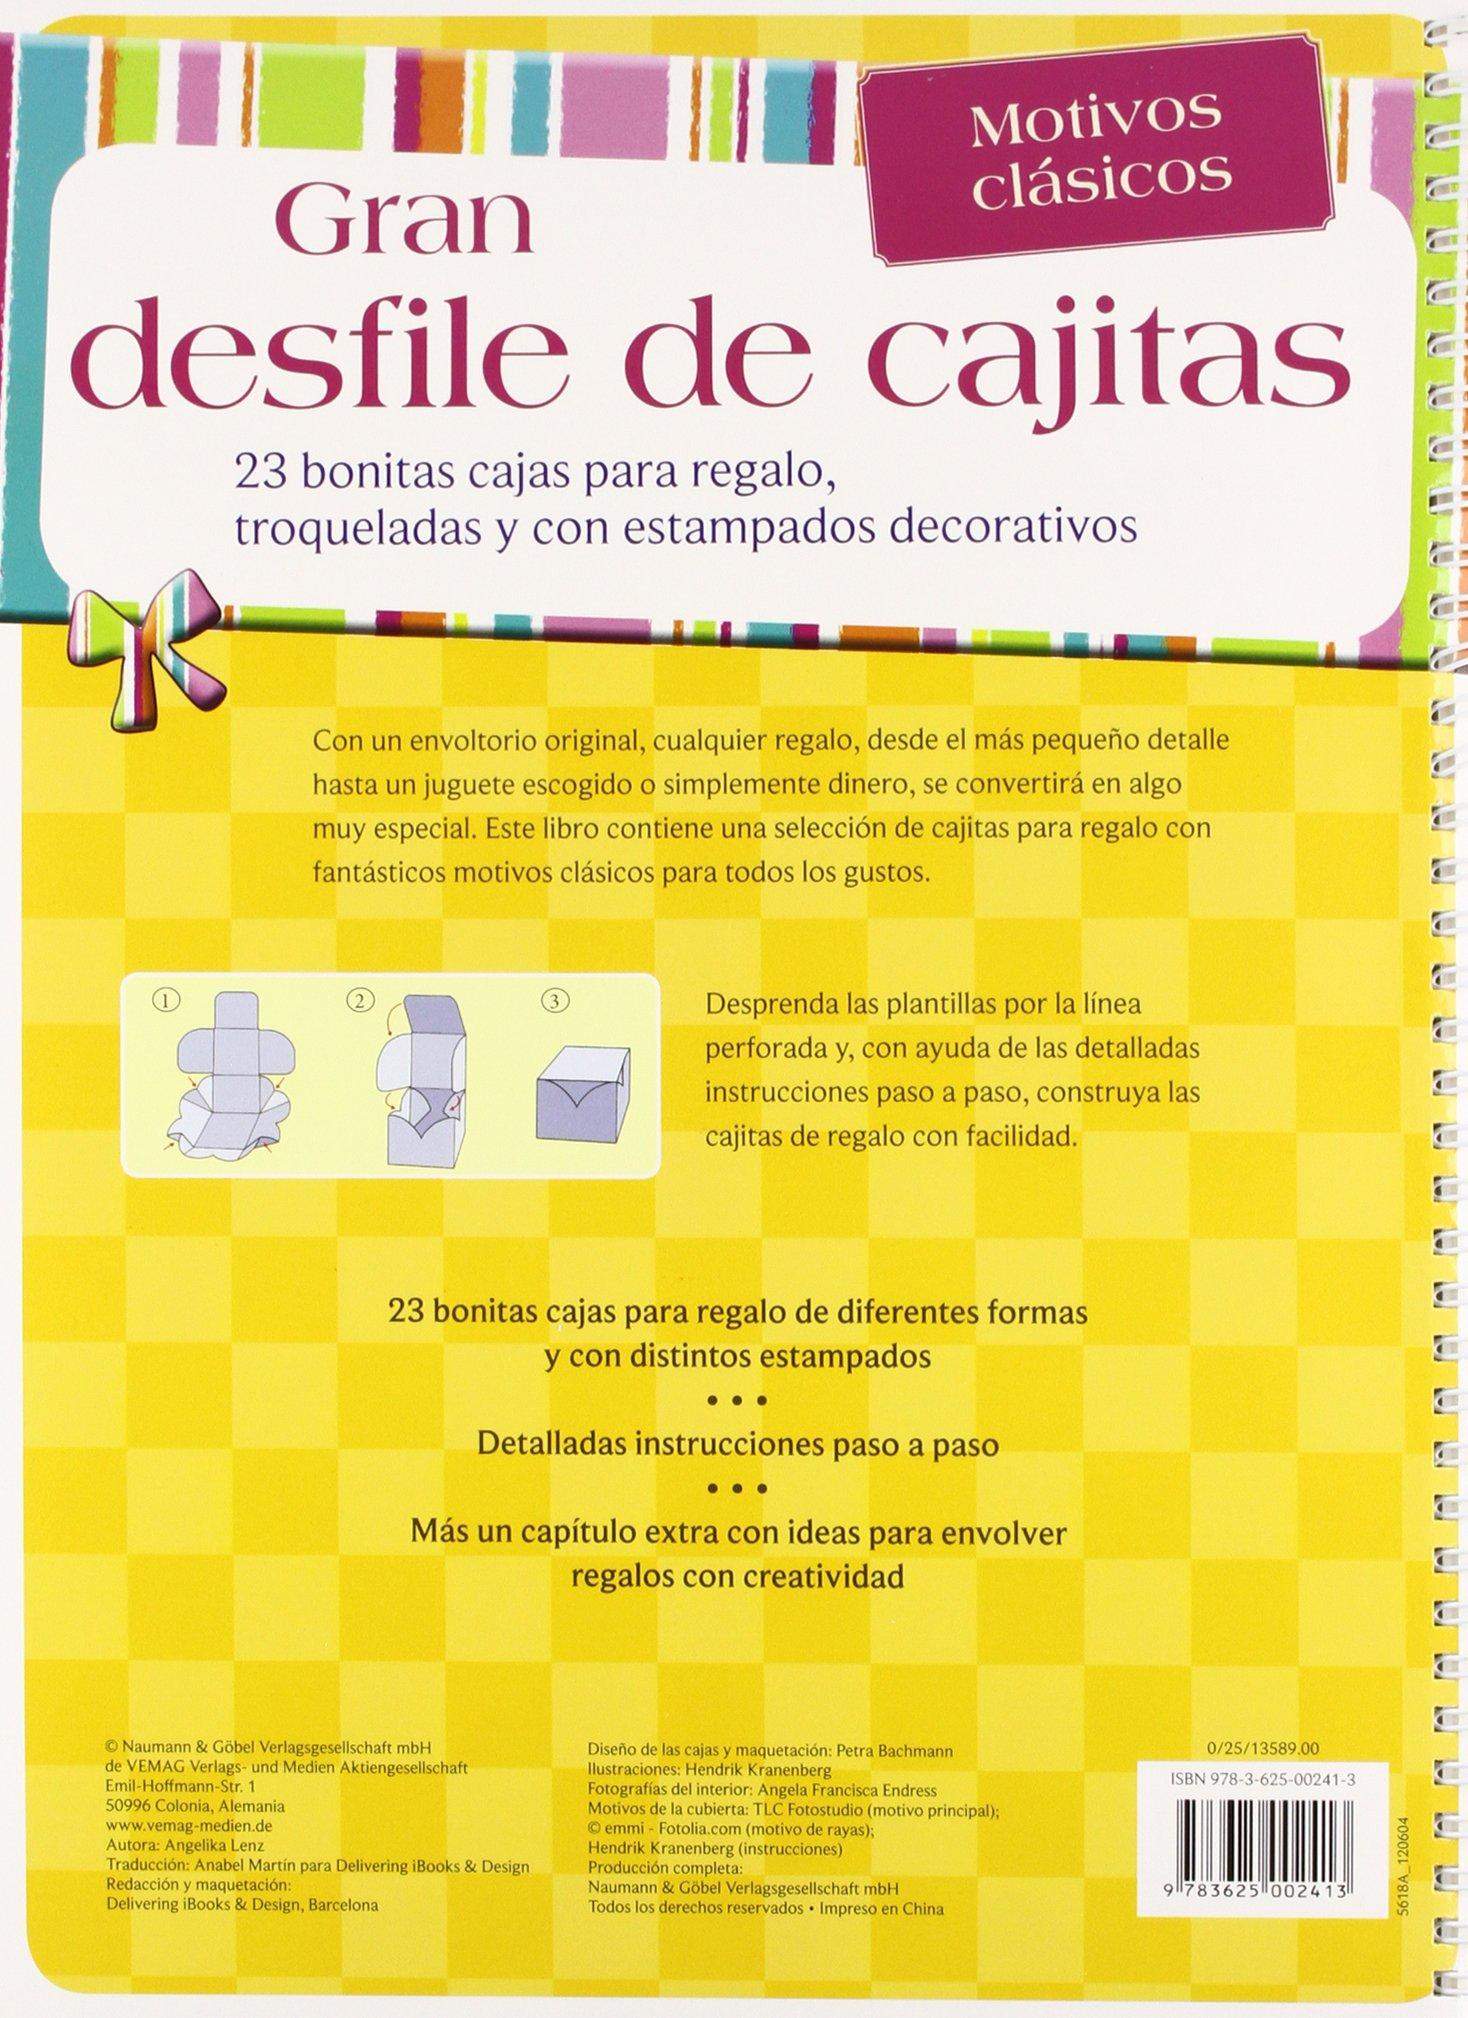 MOTIVOS CLASICOS (GRAN DESFILE DE CAJITAS): LENZ(002413): 9783625002413: Amazon.com: Books